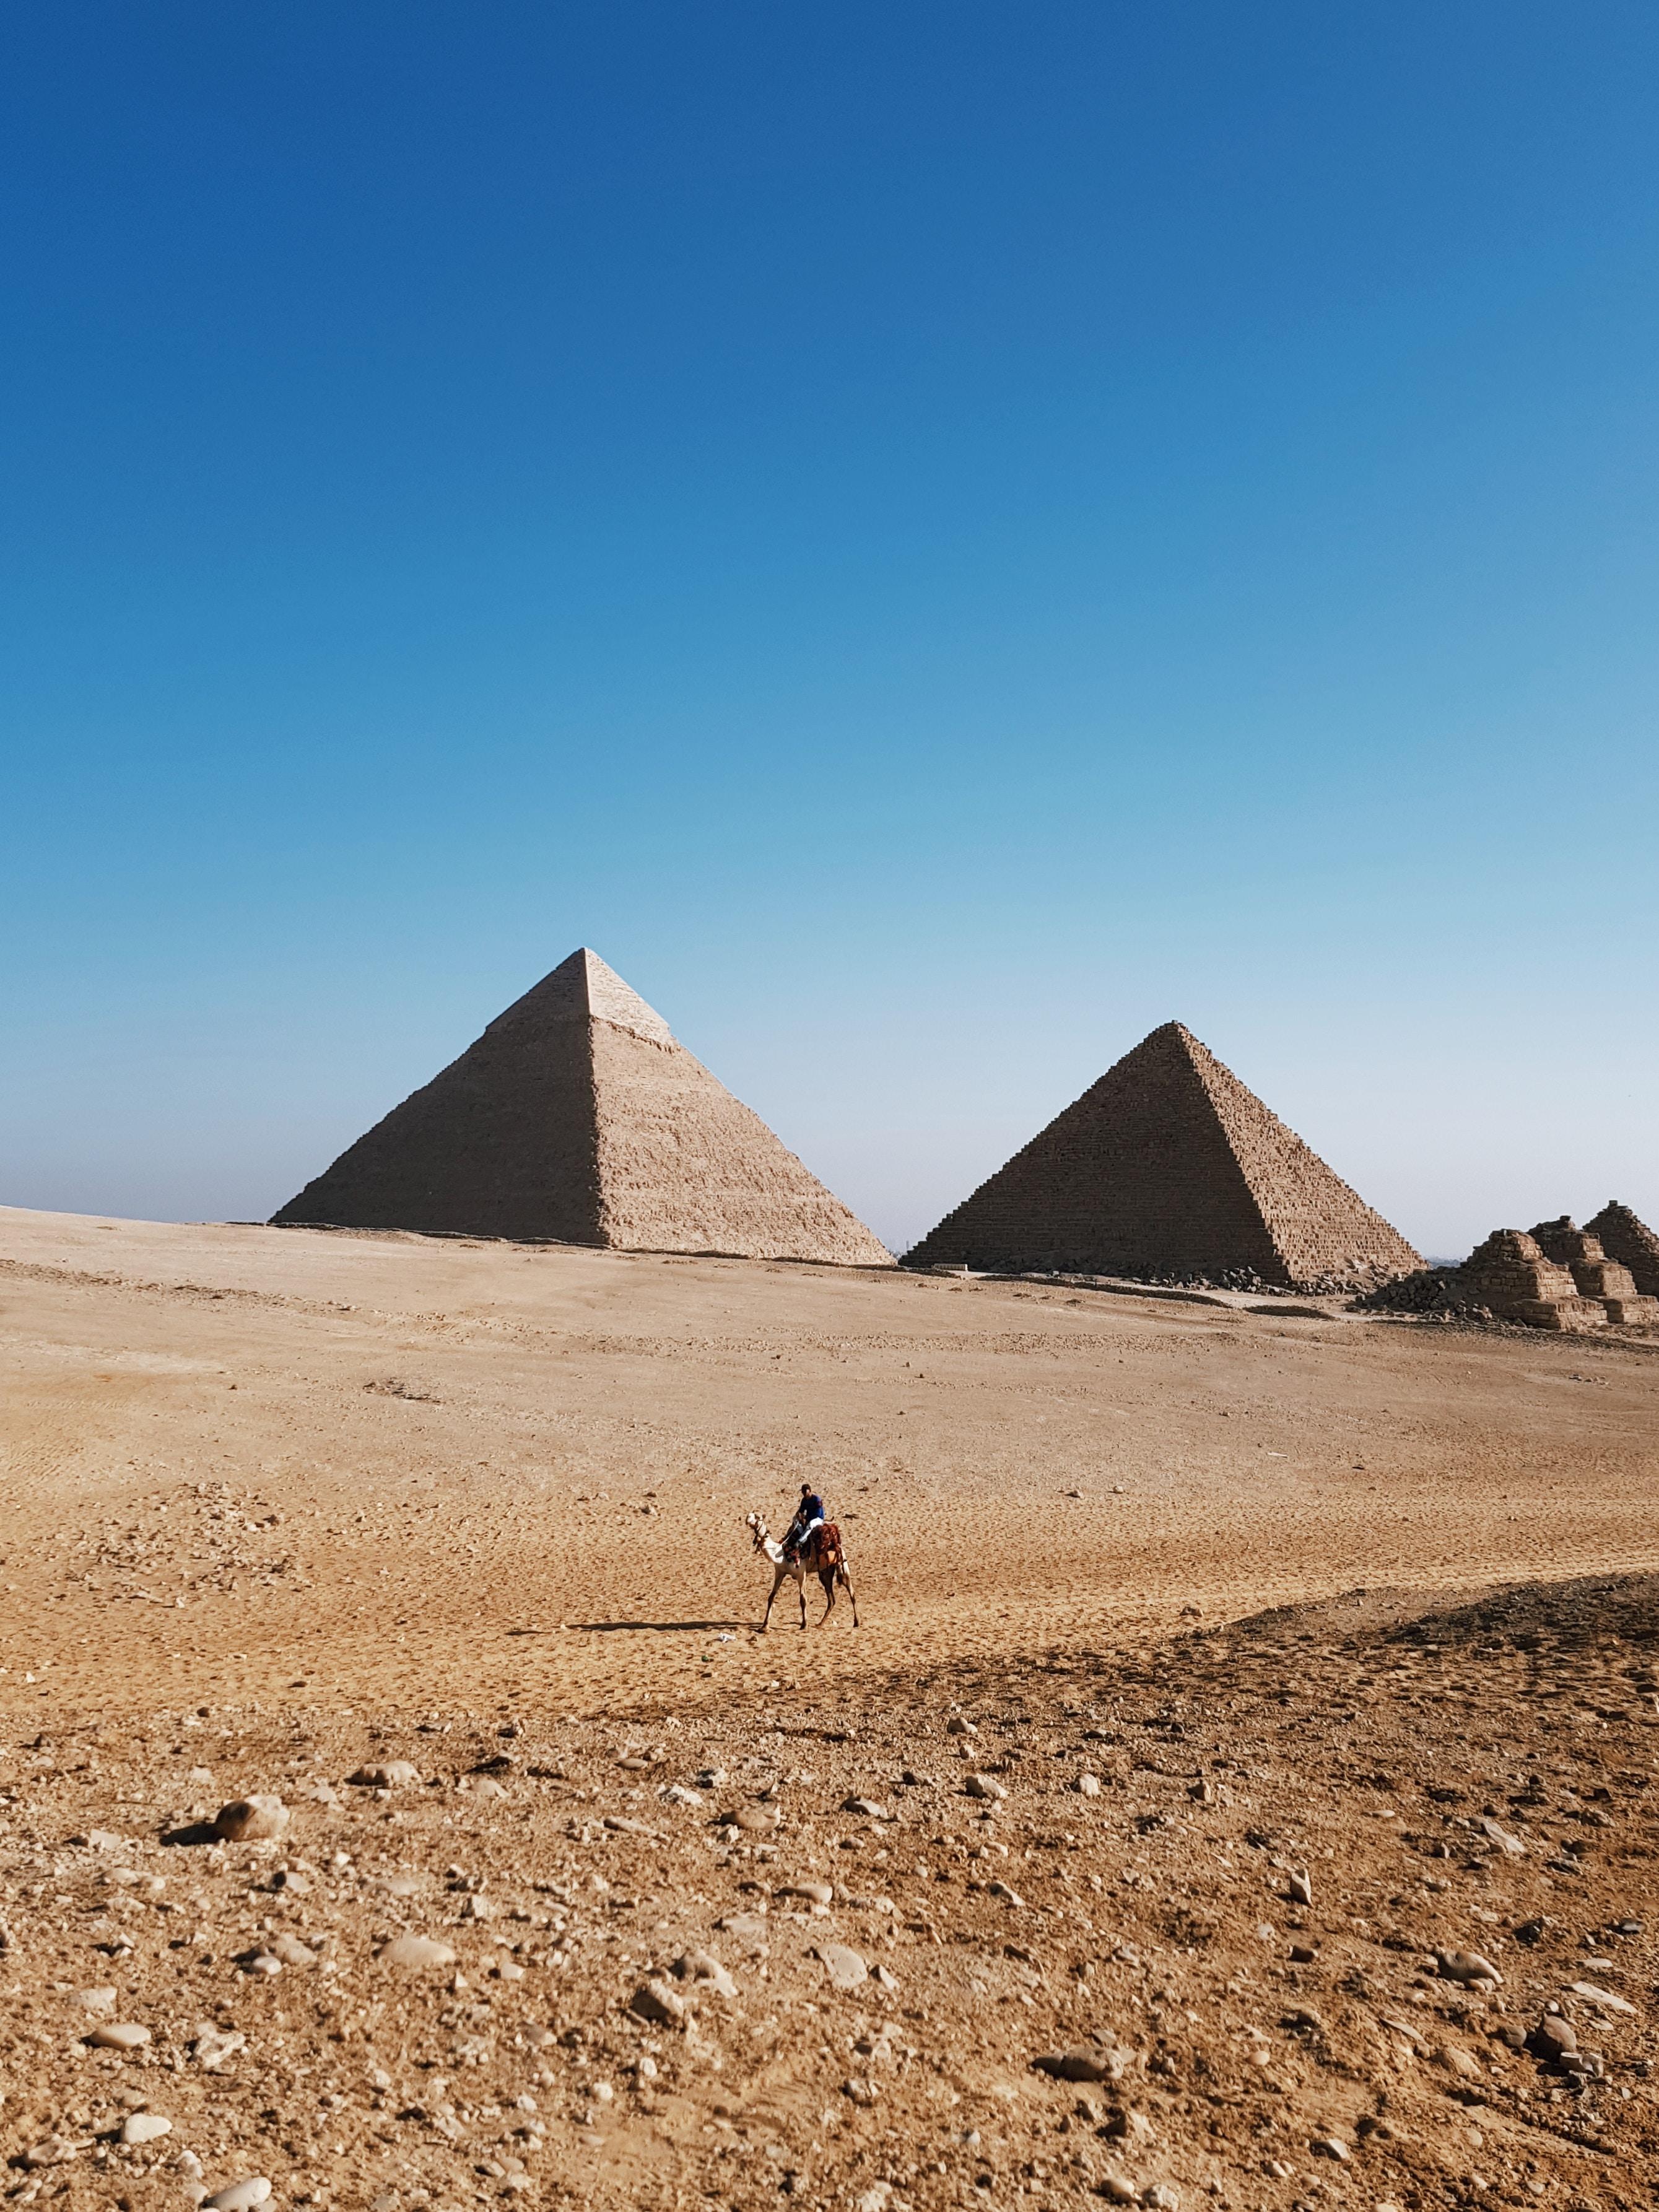 Egiptovske piramide